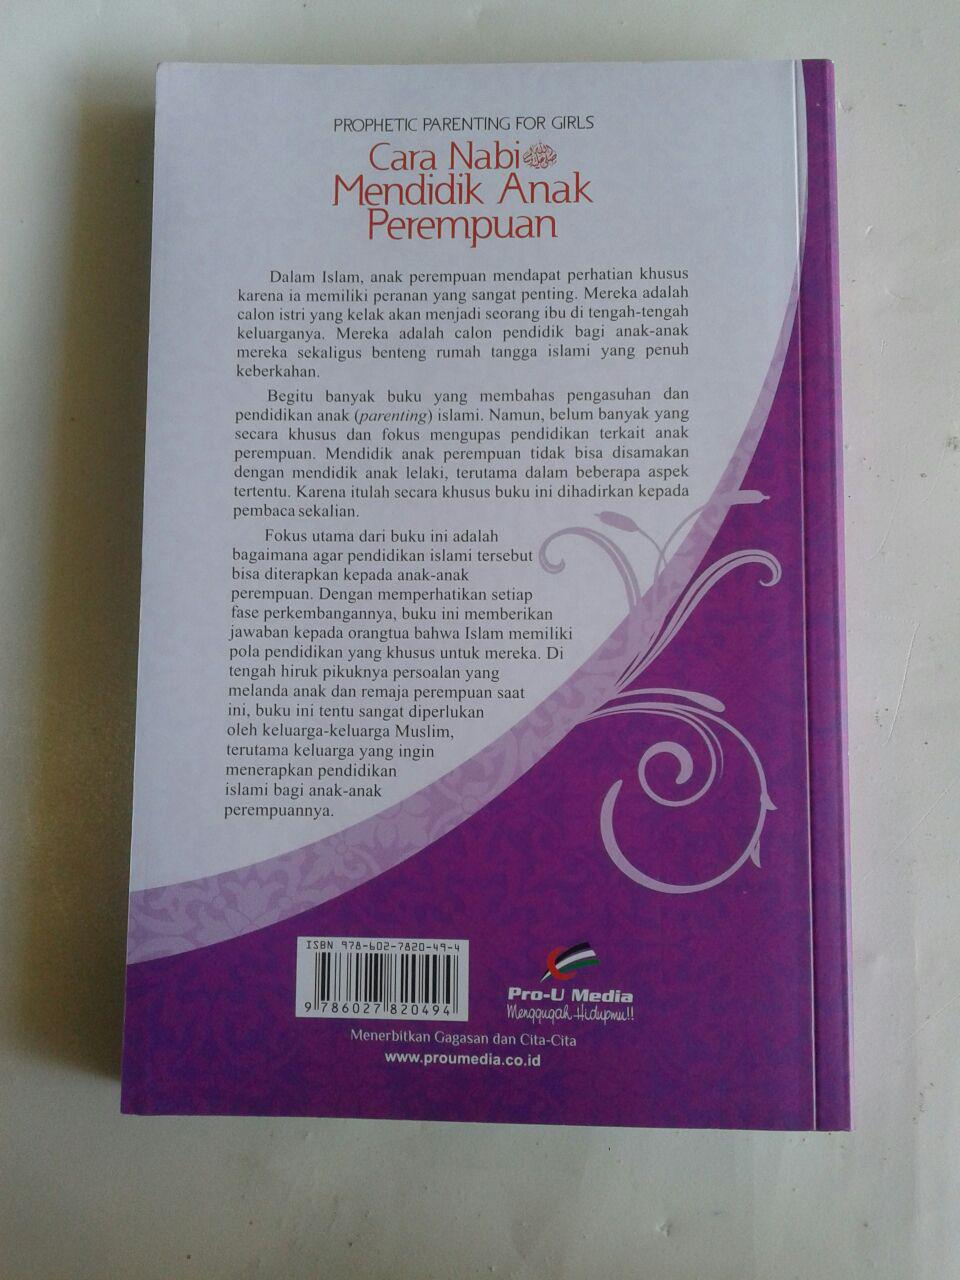 Buku Cara Nabi Mendidik Anak Perempuan cover